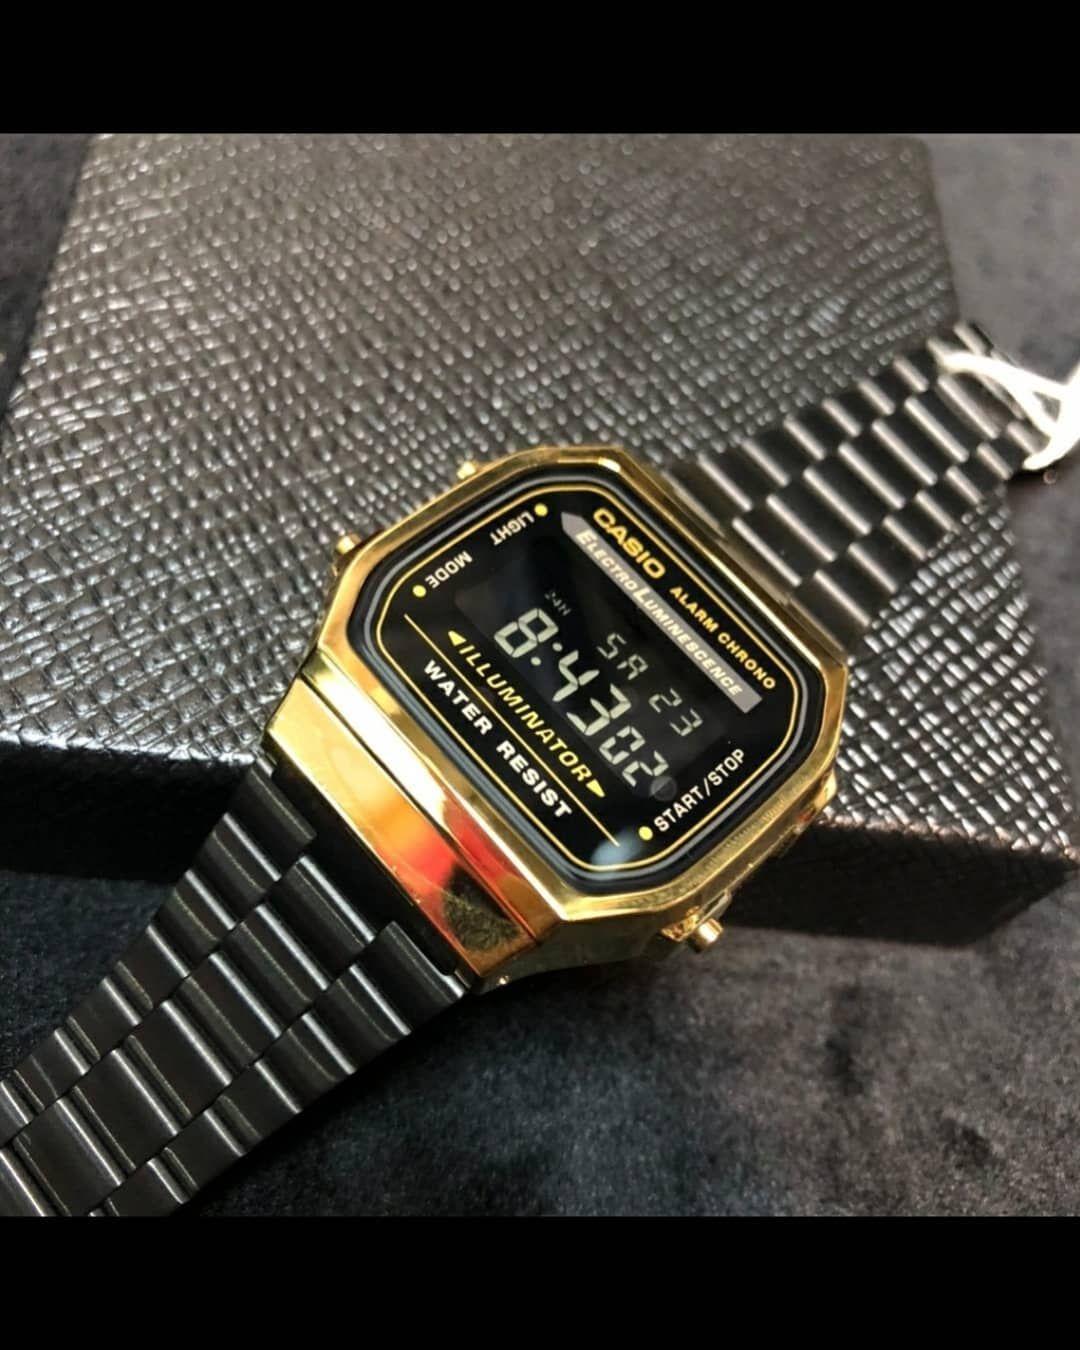 1 Curtidas Comentários Puro Estilo Puro Estilo Br No Instagram Relógio Casio Retro Vintage Dourado Com Preto Puro Casio Watch Casio Accessories